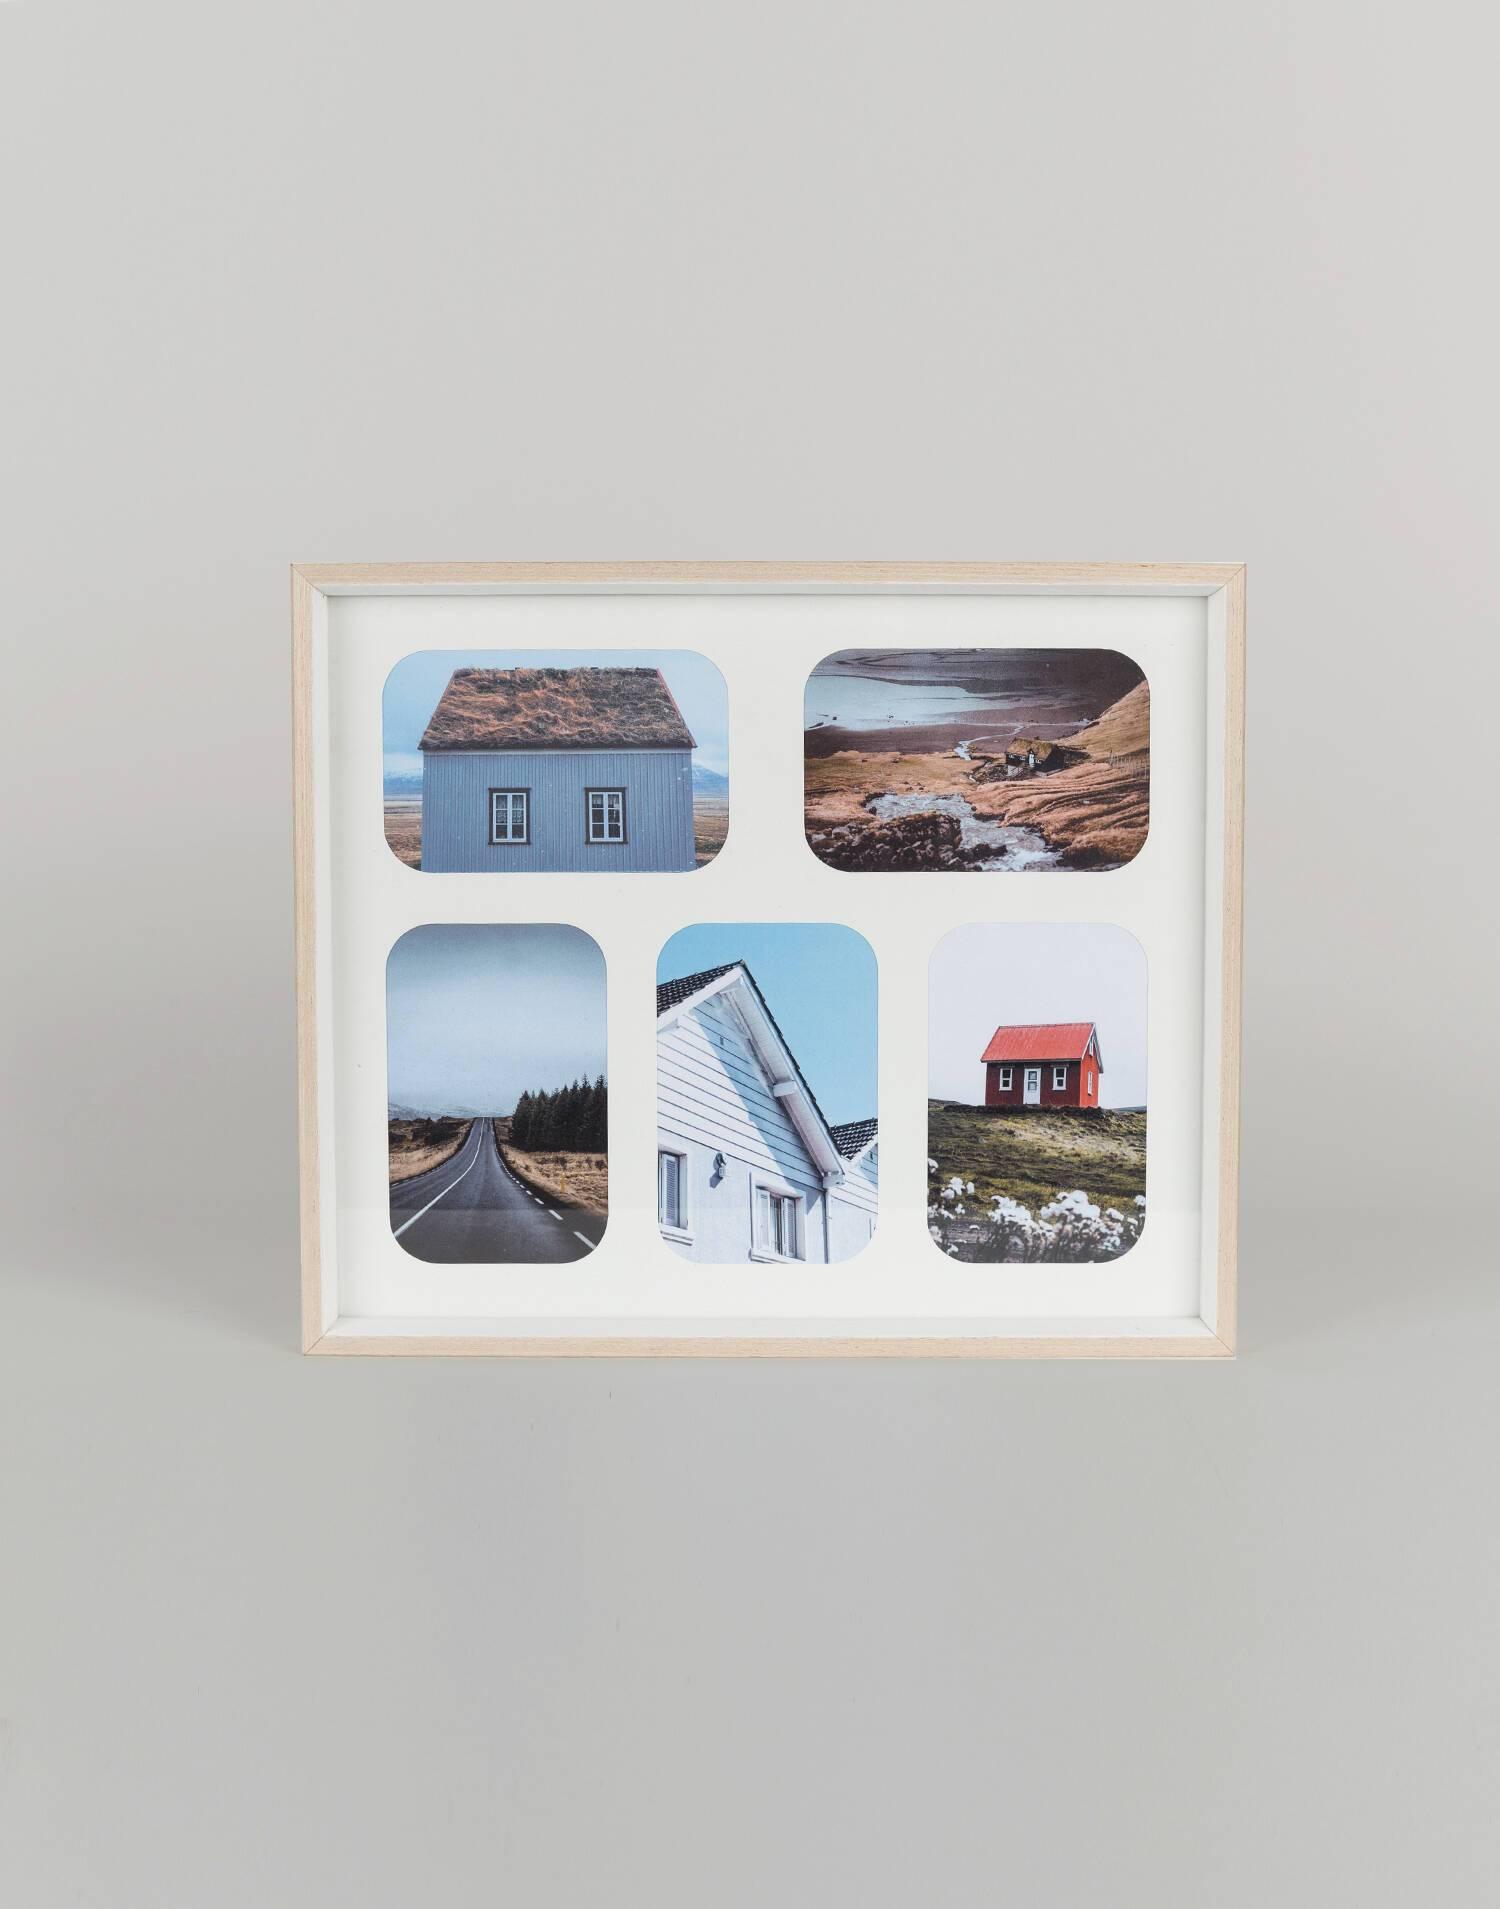 Einfacher bilderrahmen aus holz für 5 fotos